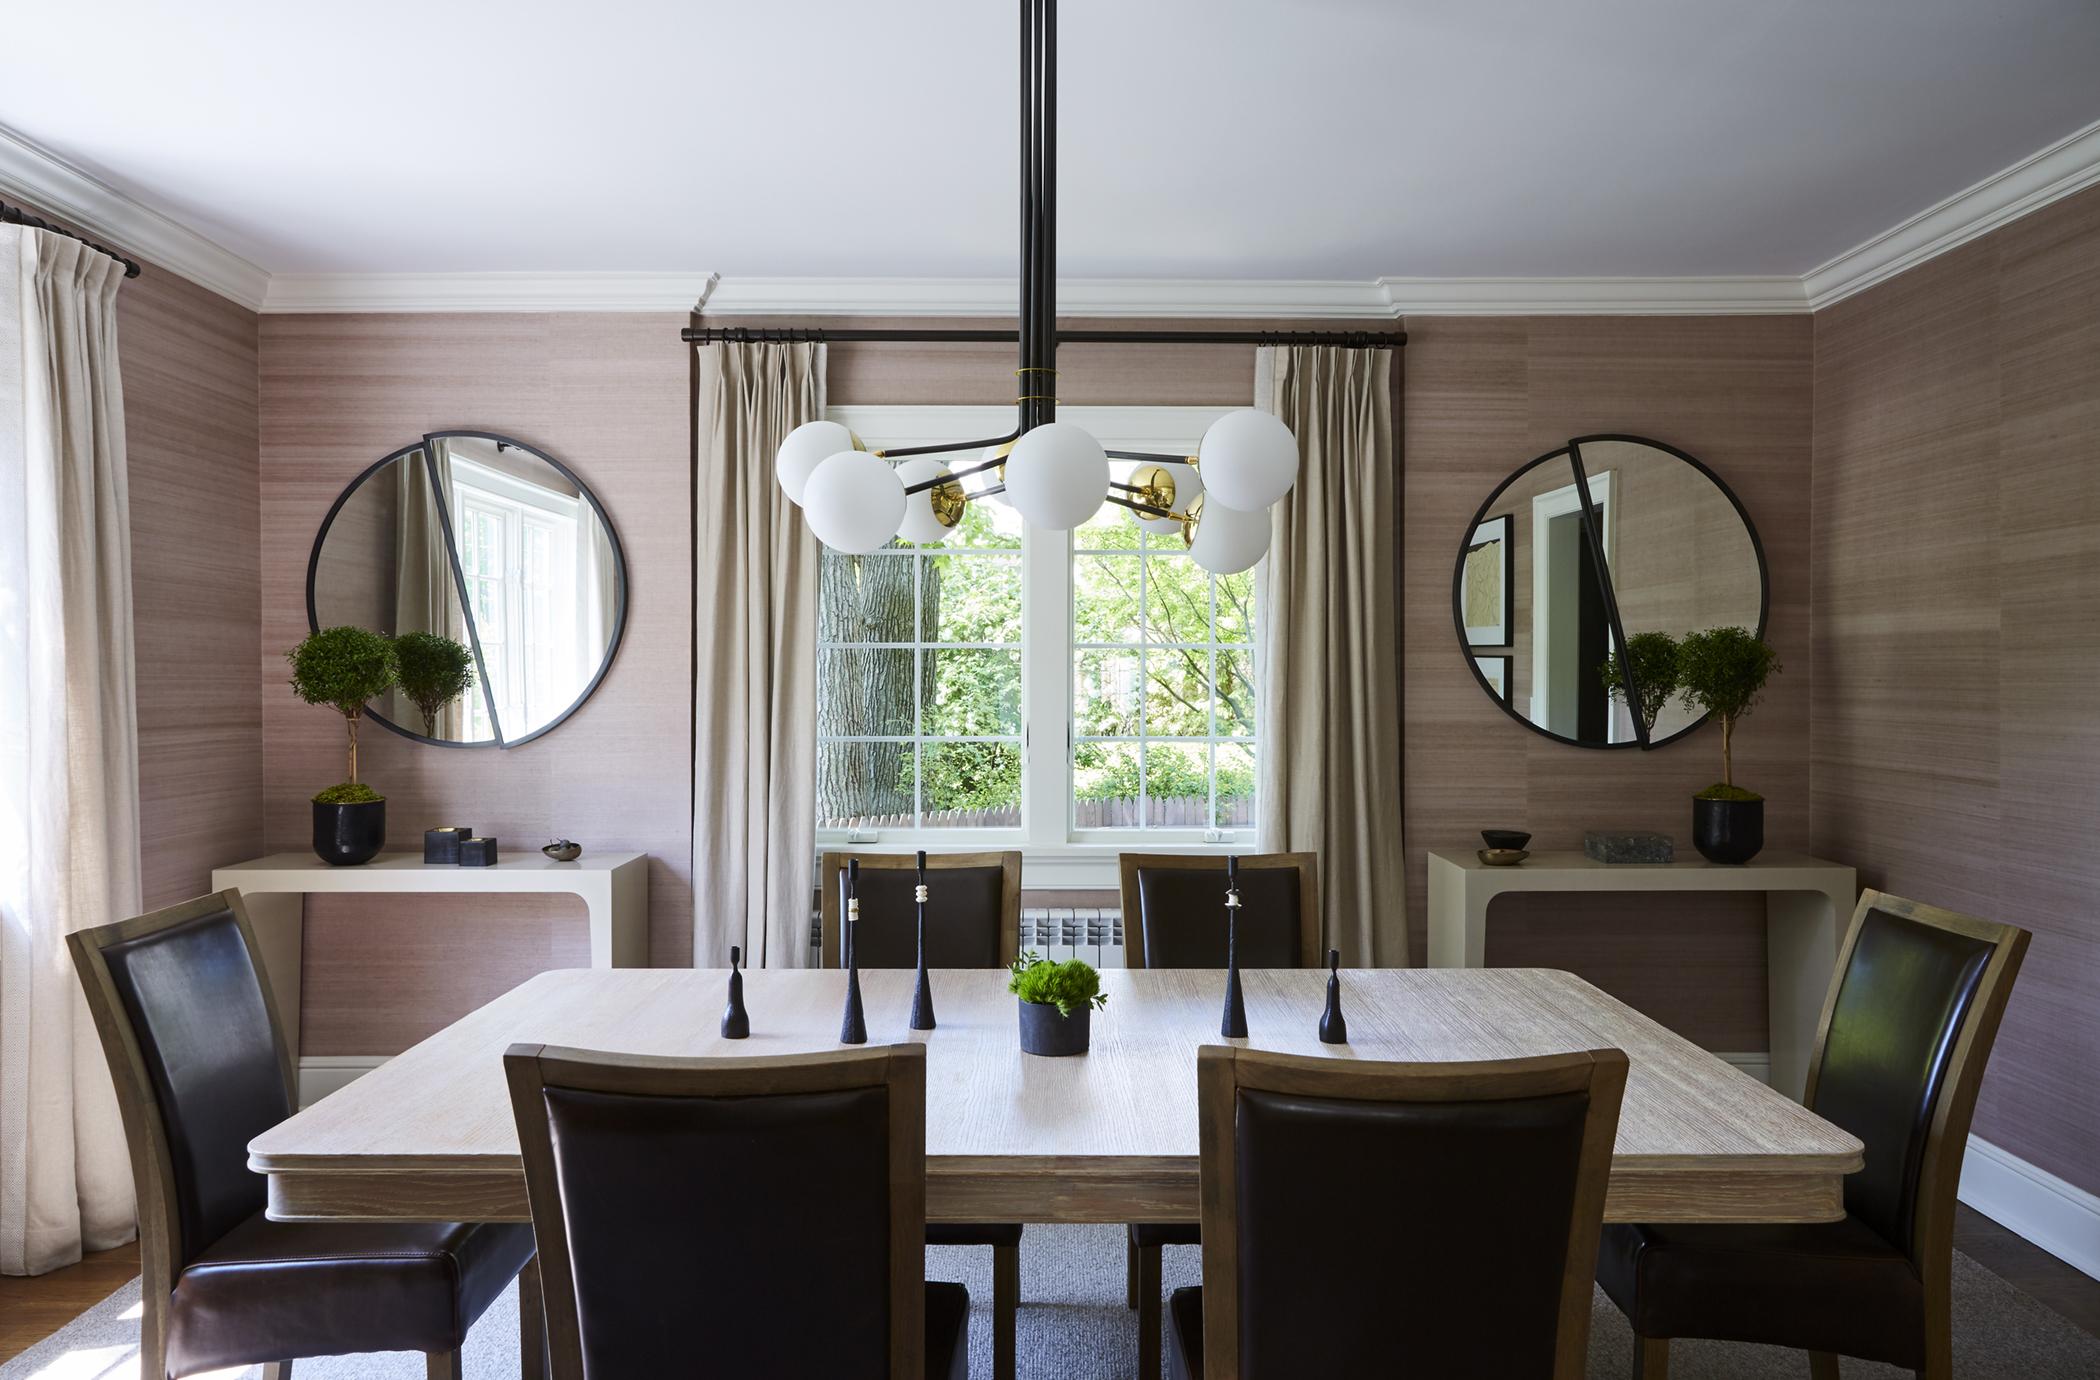 J. Patryce Design Pelham Tudor dining room